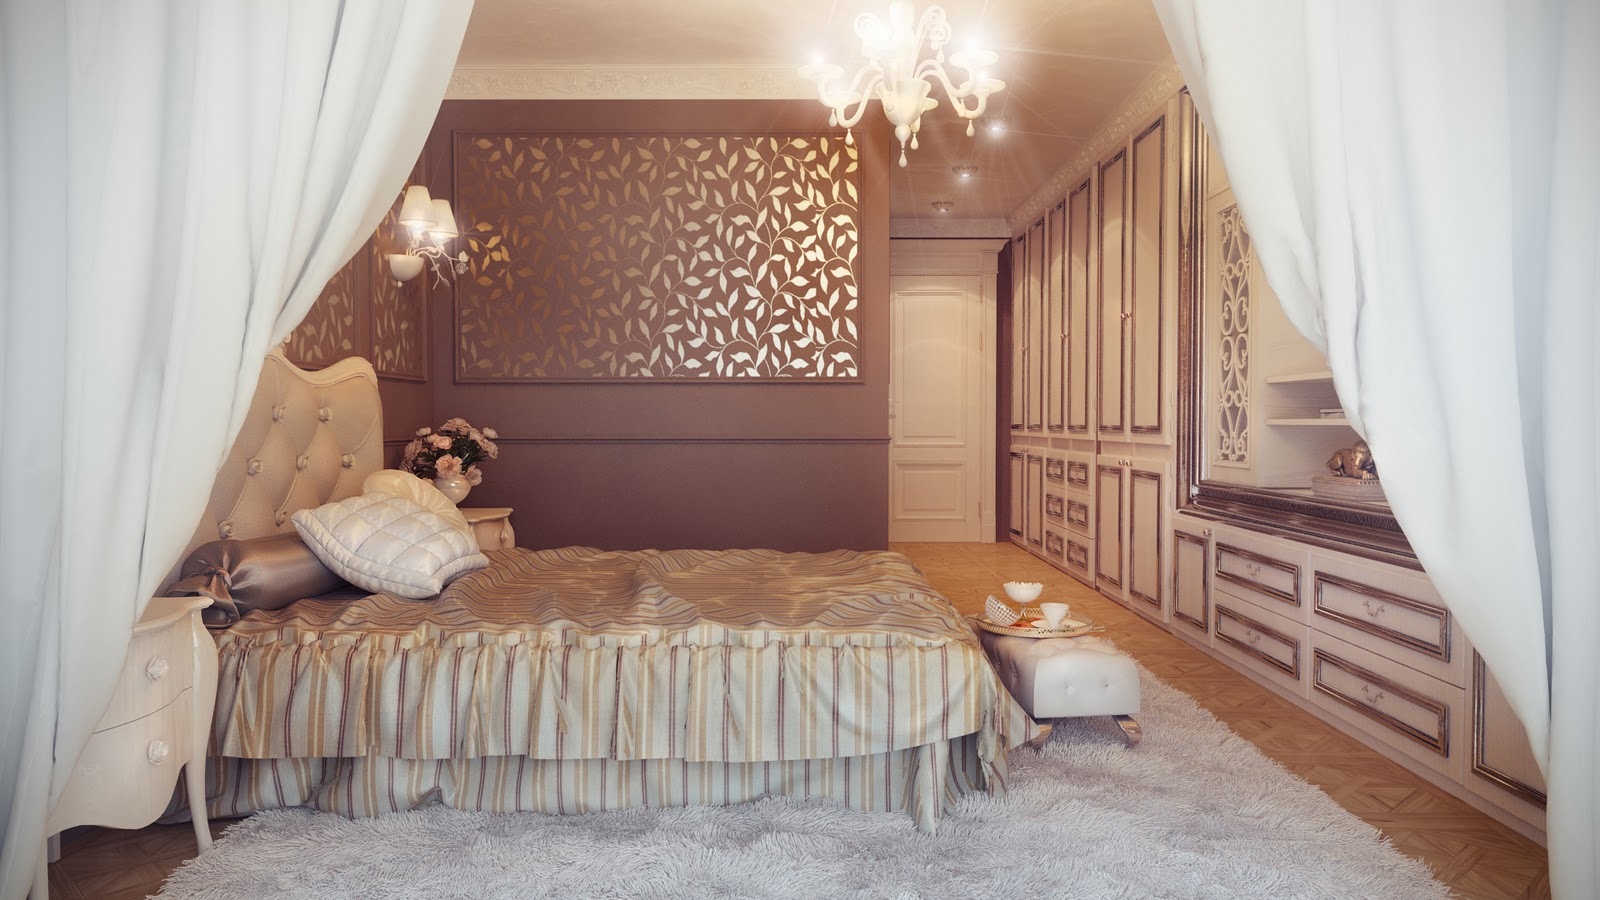 Kamar Tidur akan menjadi tempat yang menyenangkan apabila didesain